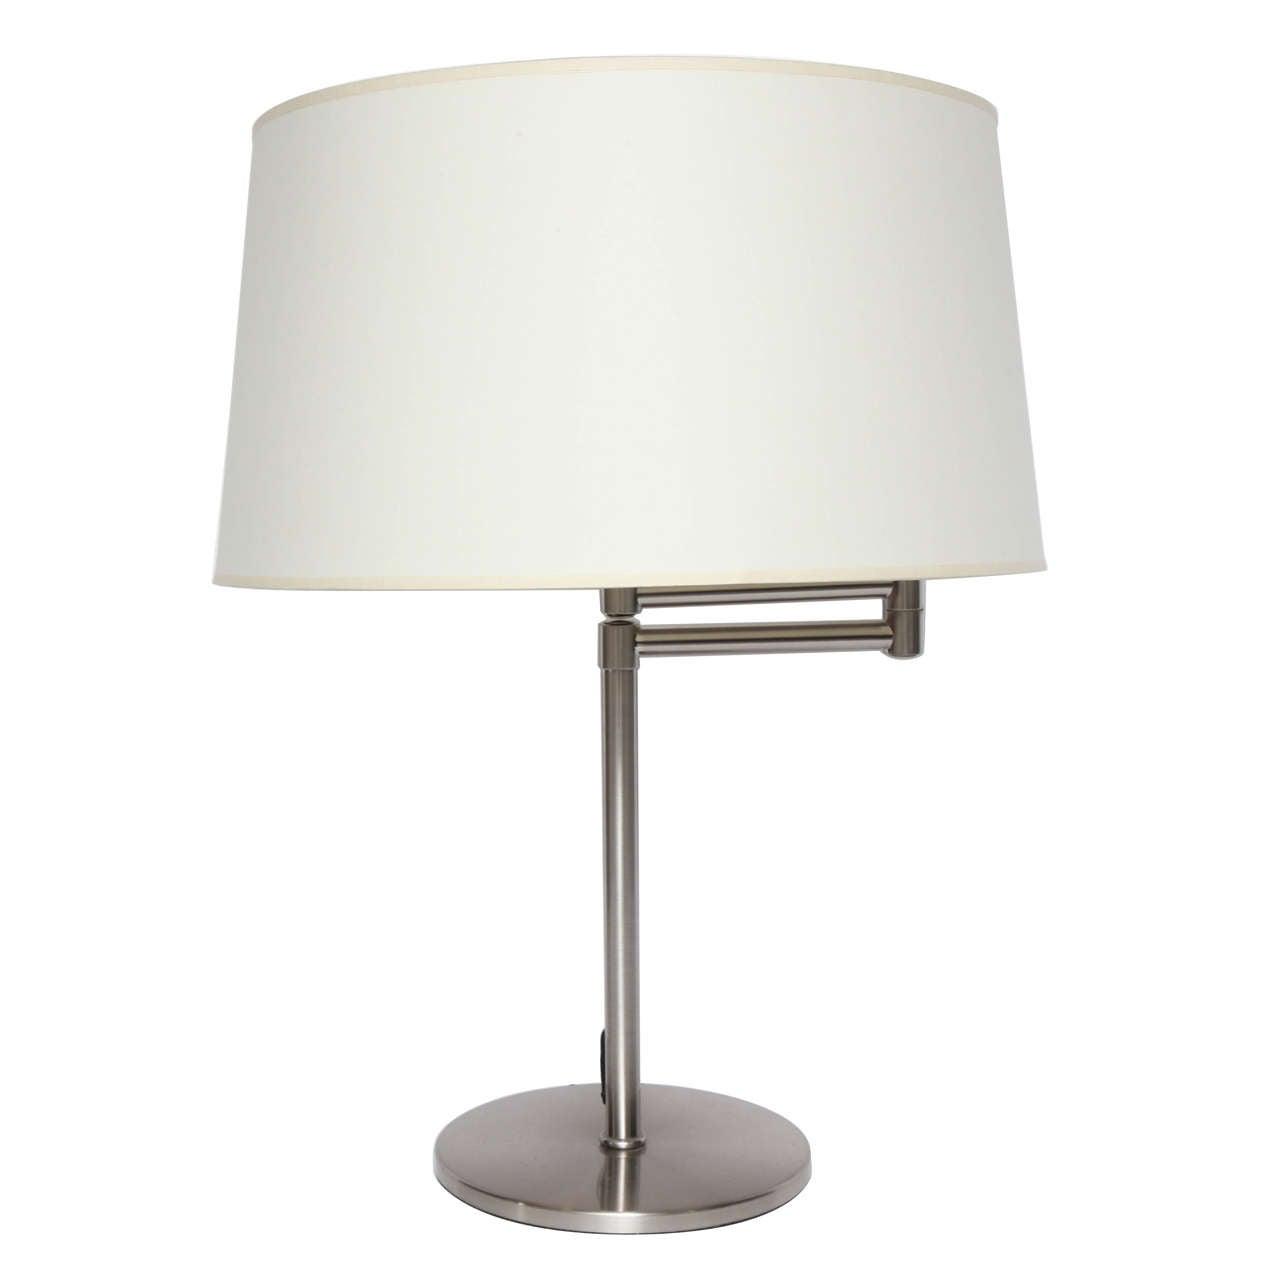 brushed metal swing arm desk lamp at 1stdibs. Black Bedroom Furniture Sets. Home Design Ideas